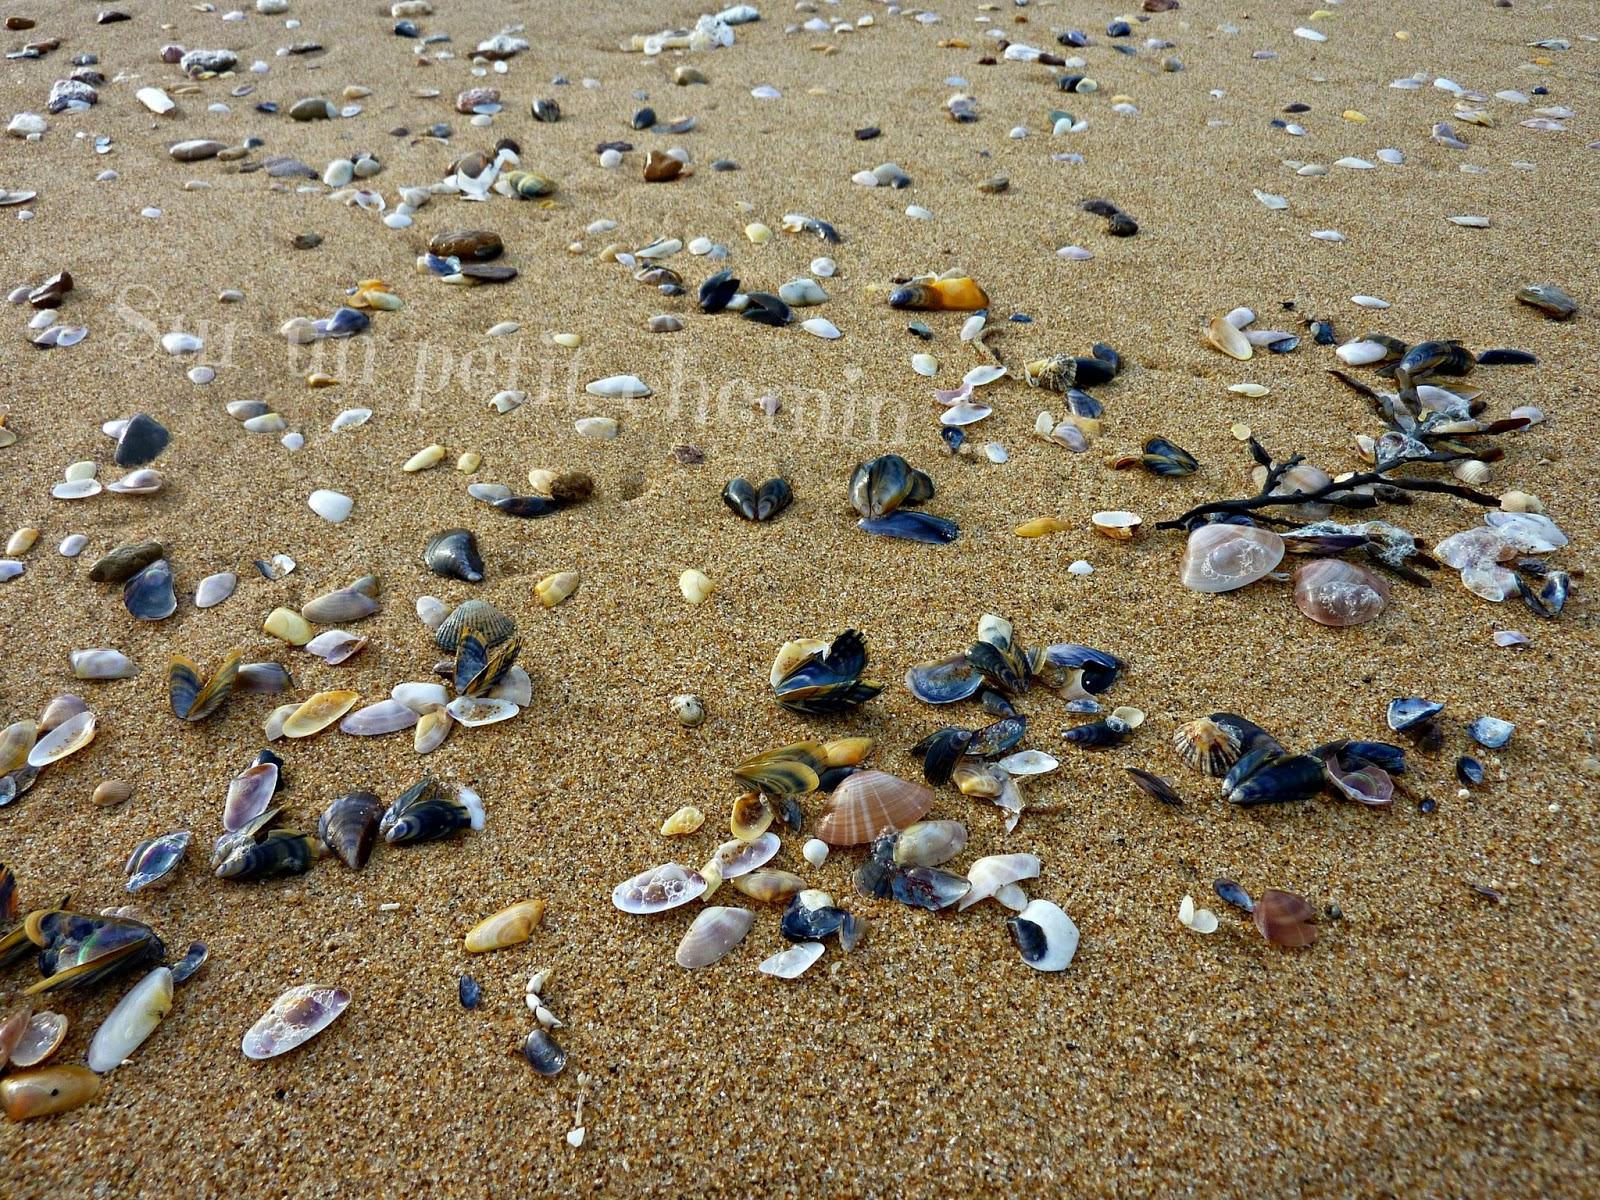 Coquillages sur la Grande Plage de Saint Gilles Croix-de-Vie en Vendée